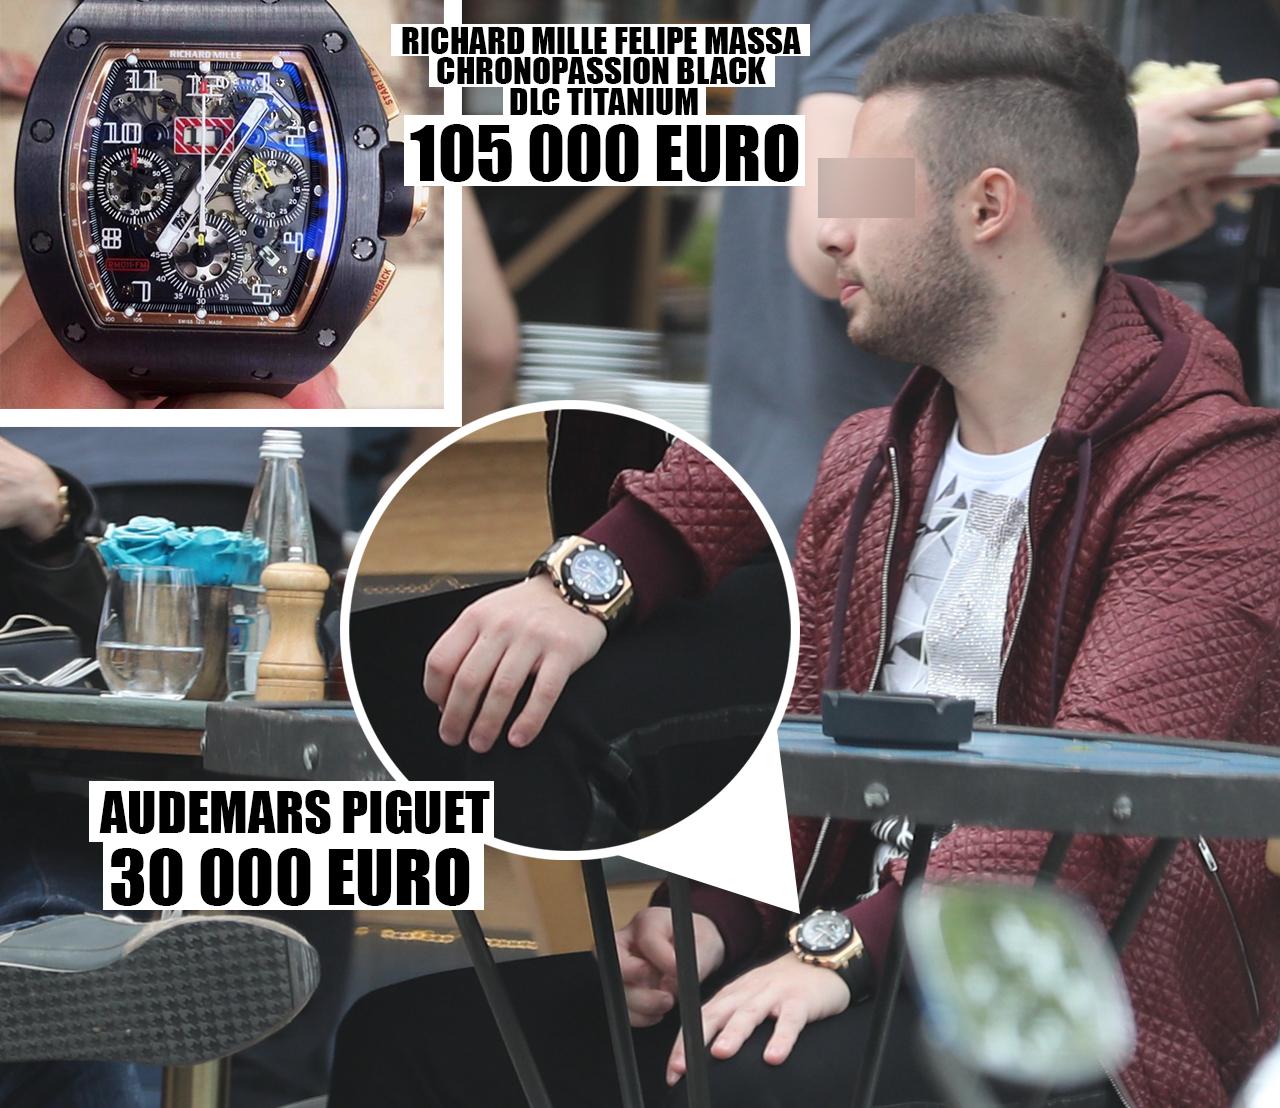 Mihnea Grigoriu are ceasuri de aproape 150.000 de euro şi dovedeşte gusturi fine: Richard Mille este un ceas aparte, rar şi produs în serii mici, exemplare cărora până acum le-a crescut valoarea!